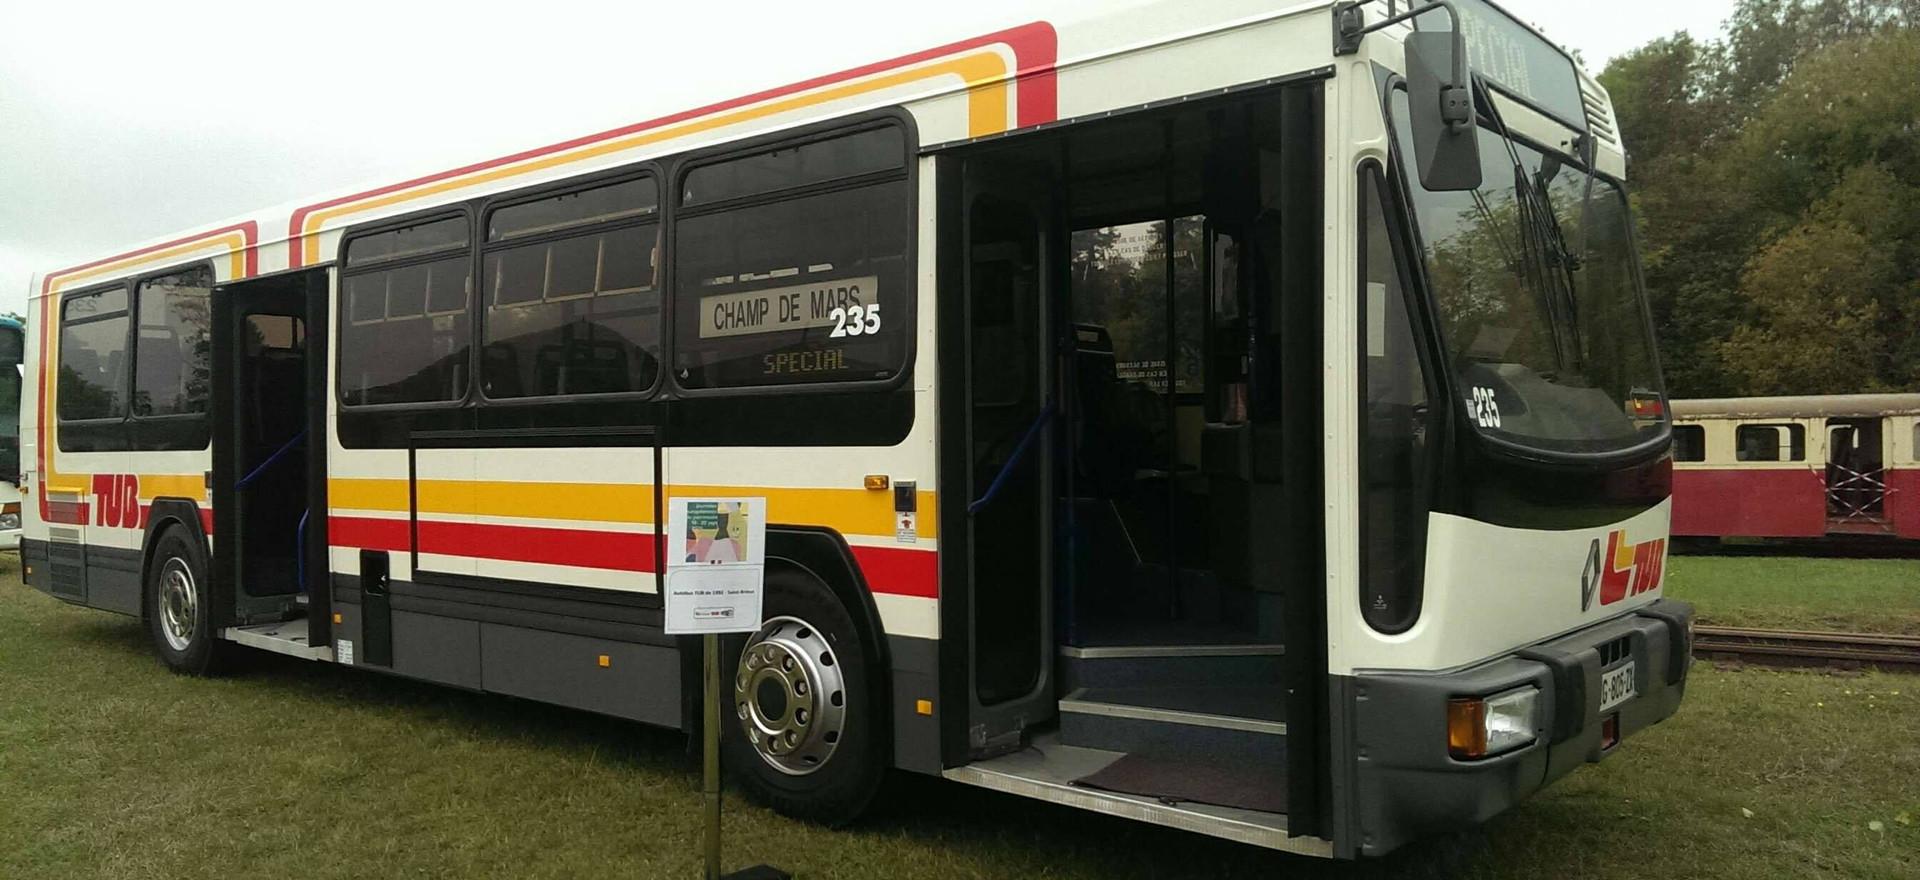 L'autobus 235 en exposition